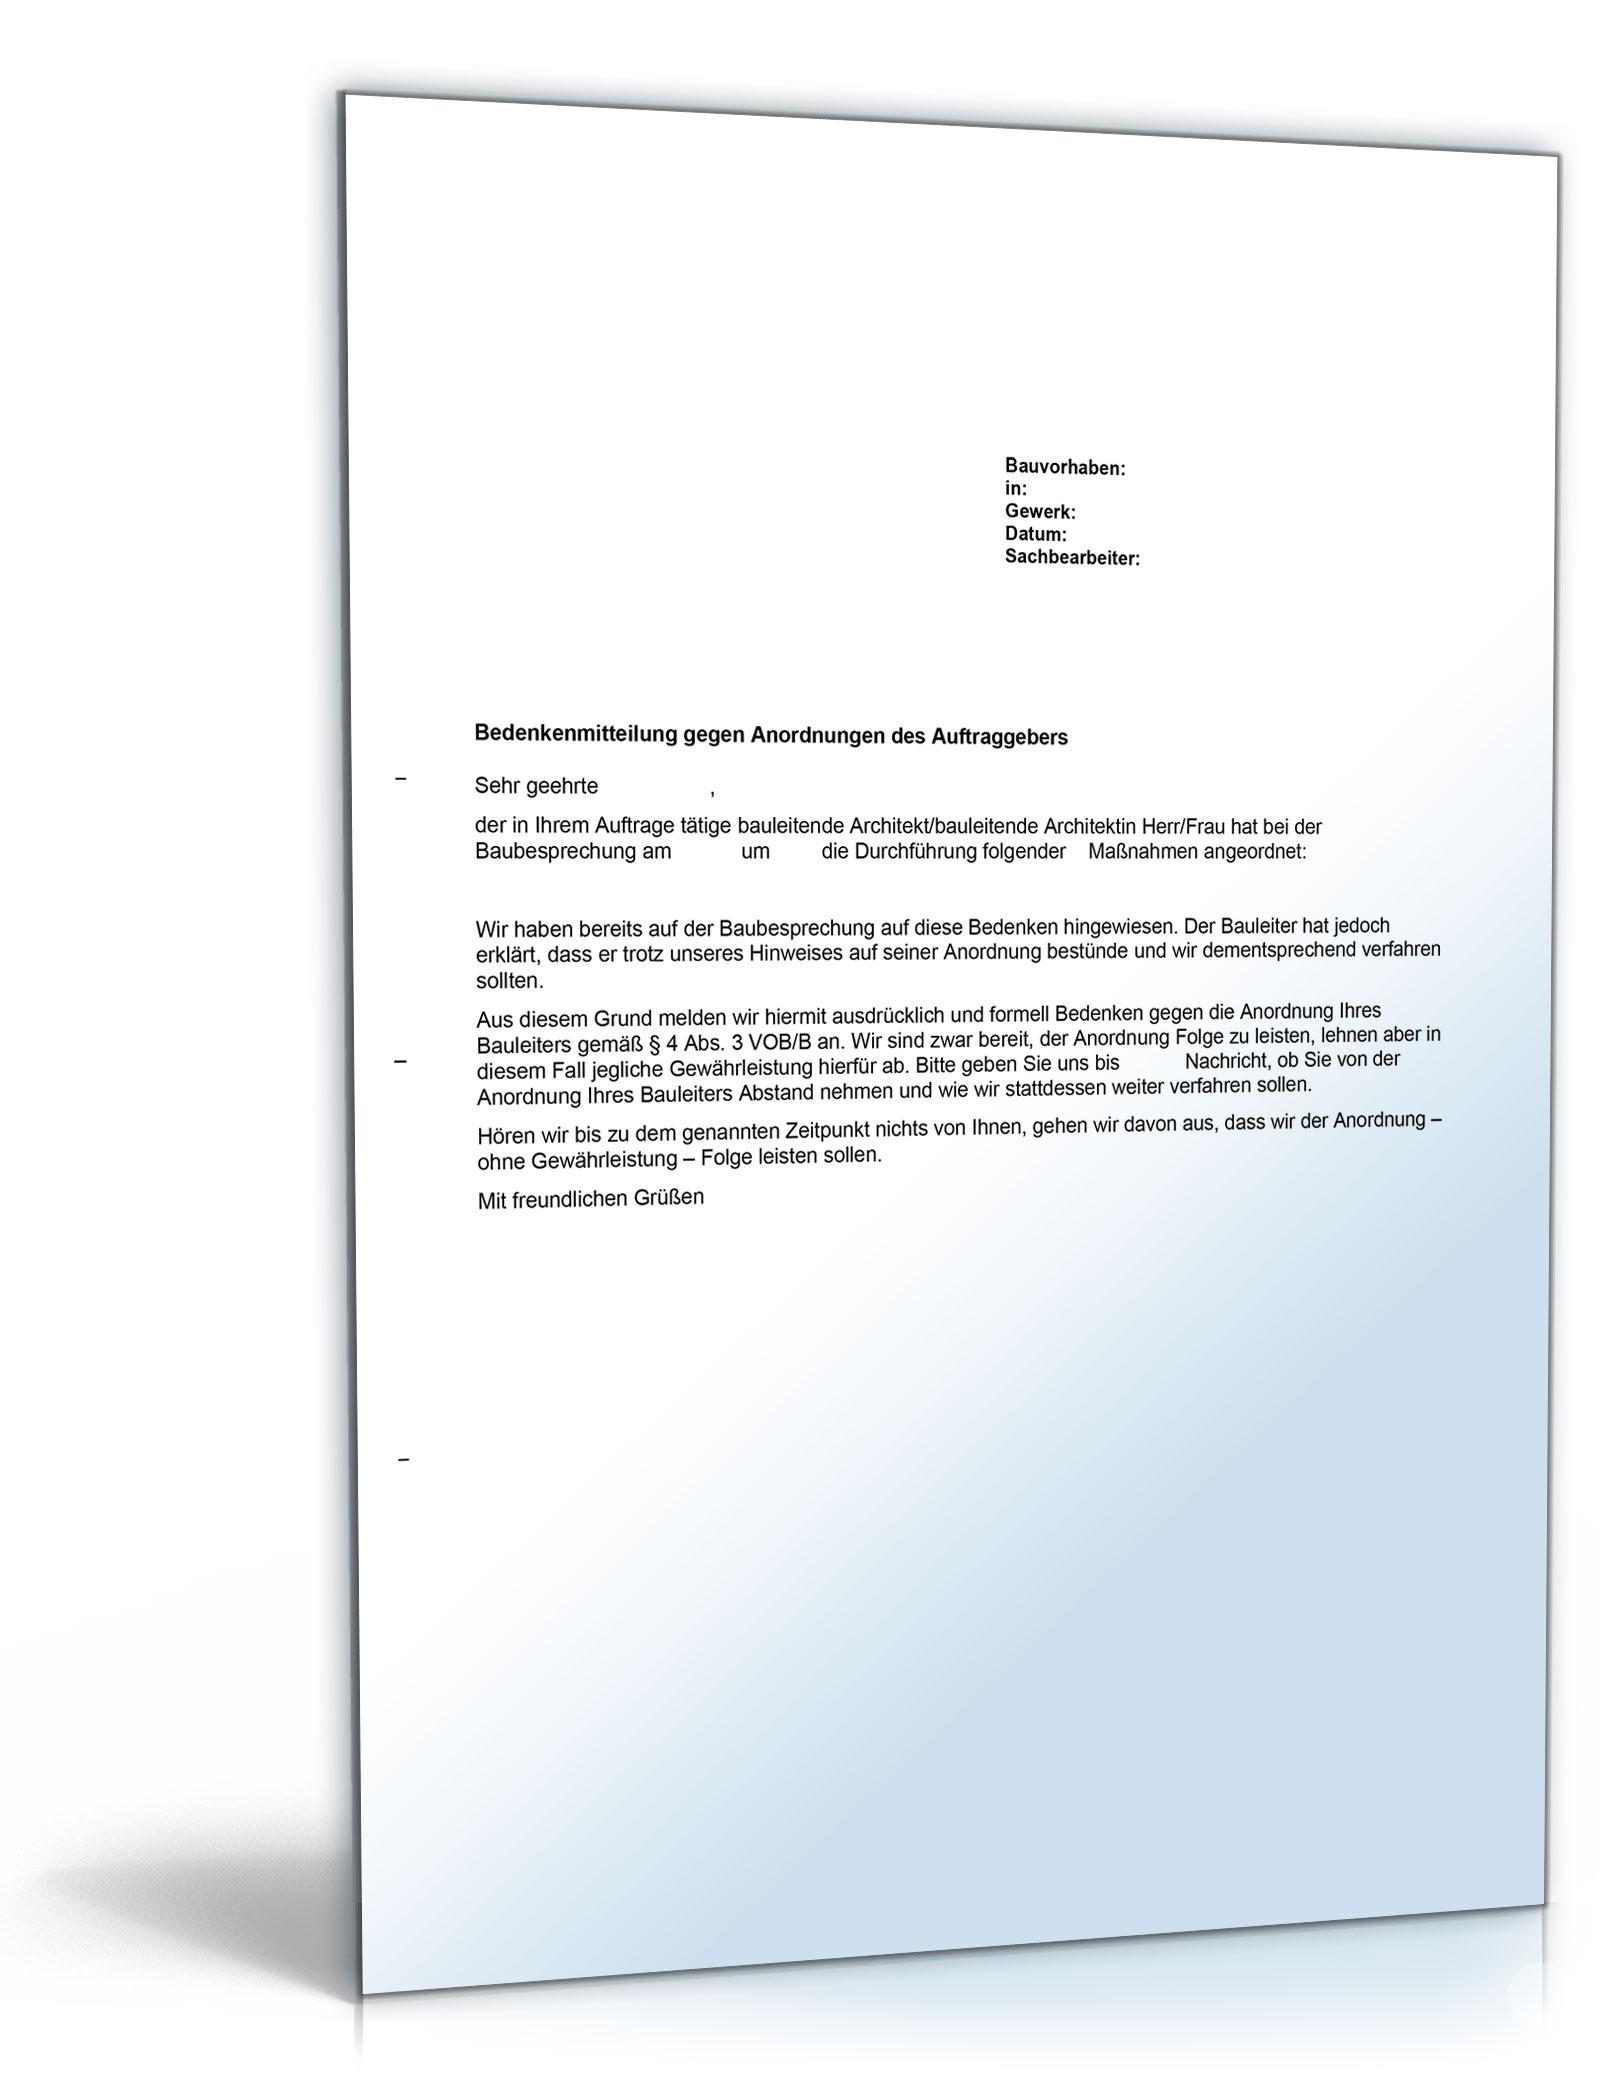 Bedenkenanmeldung Gegen Anordnung Des Auftraggebers Vob Word